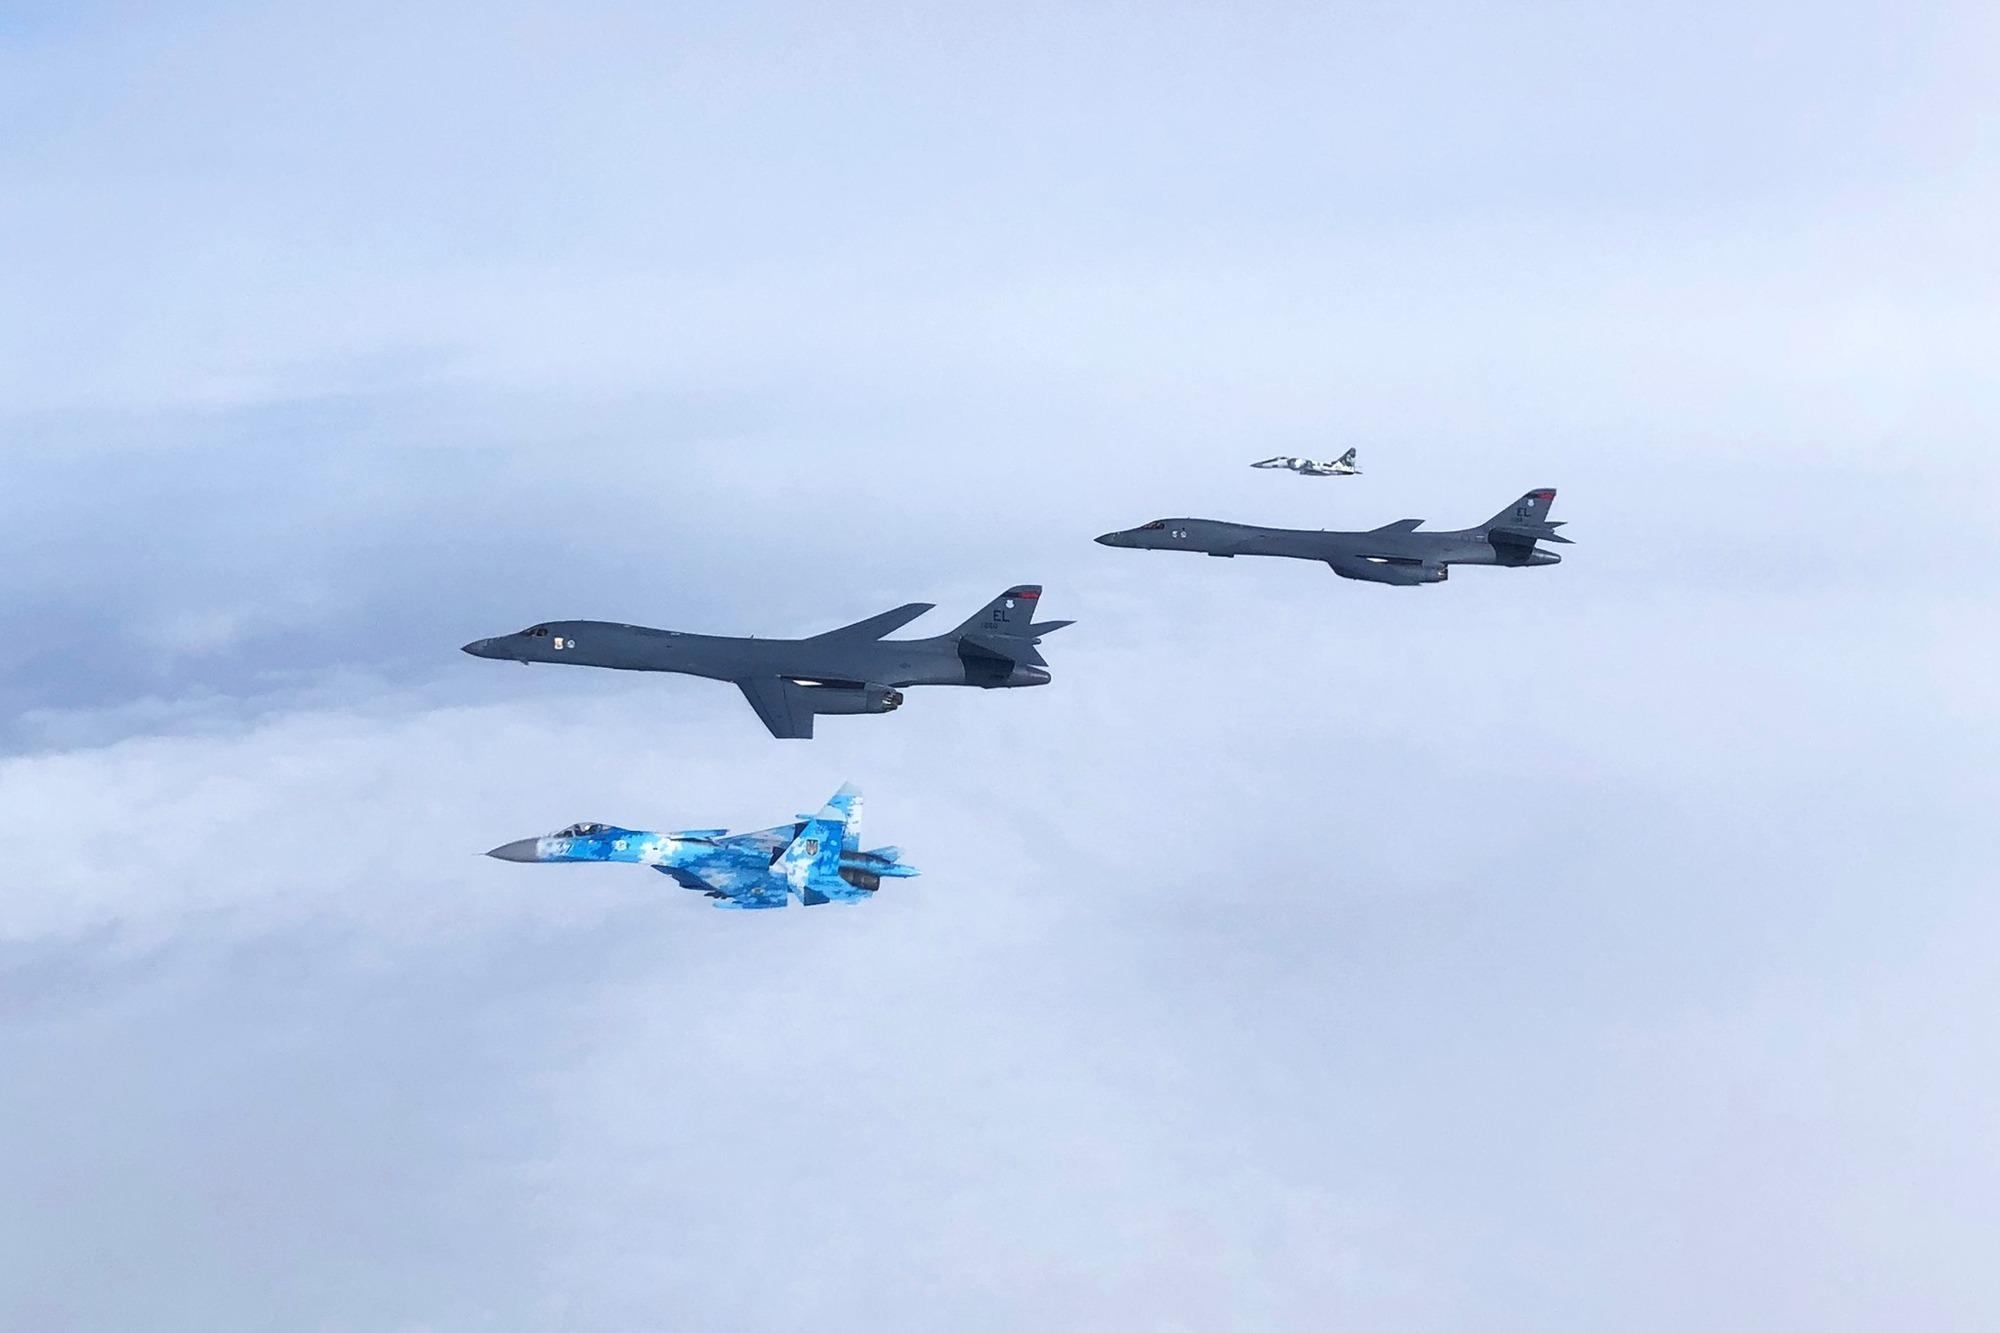 Над Украиной пронеслись бомбардировщики США: в сети показали фото